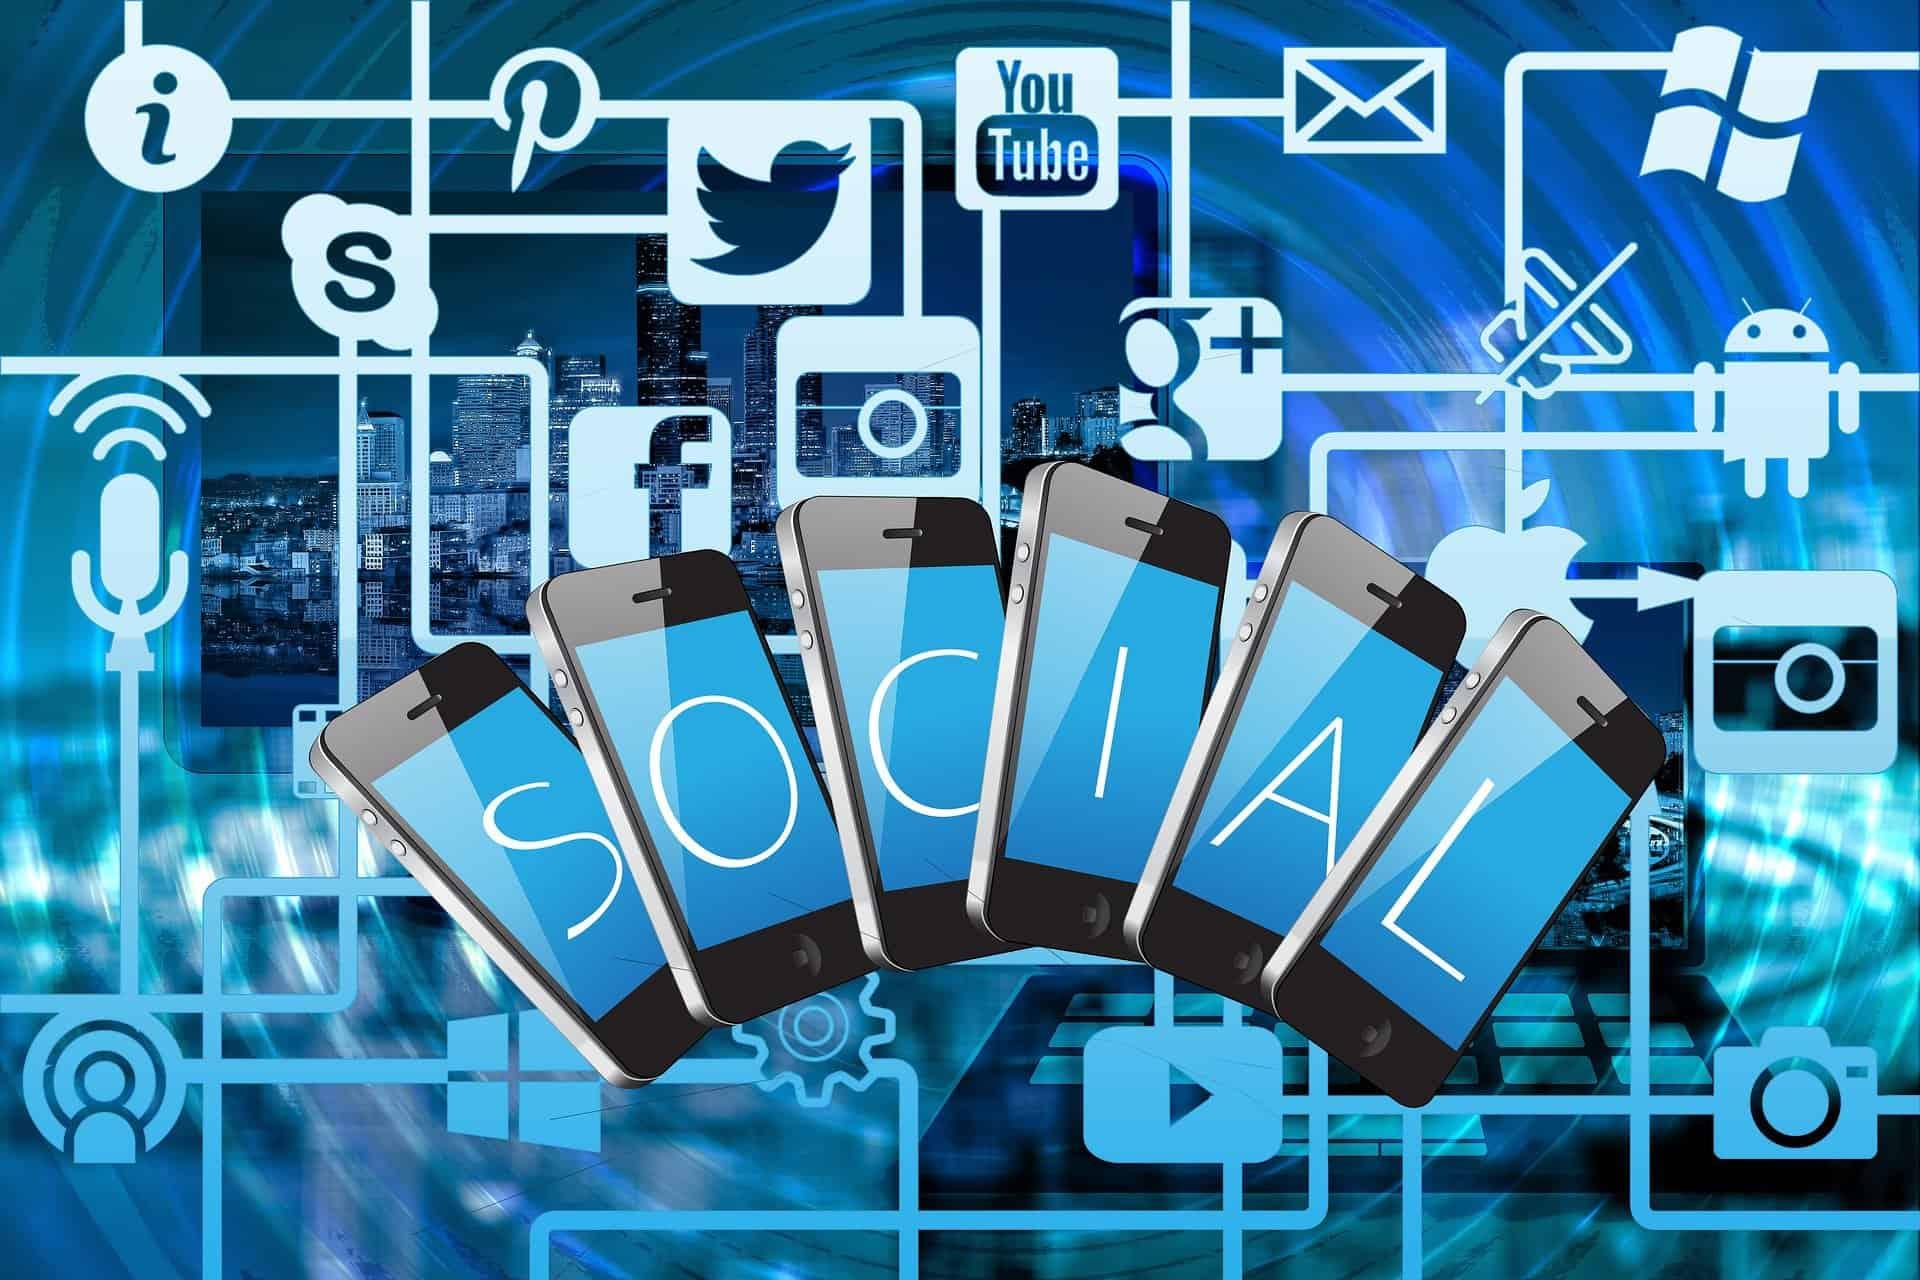 Marketing e social: la chiave per una strategia vincente secondo Nicola Sangiorgi